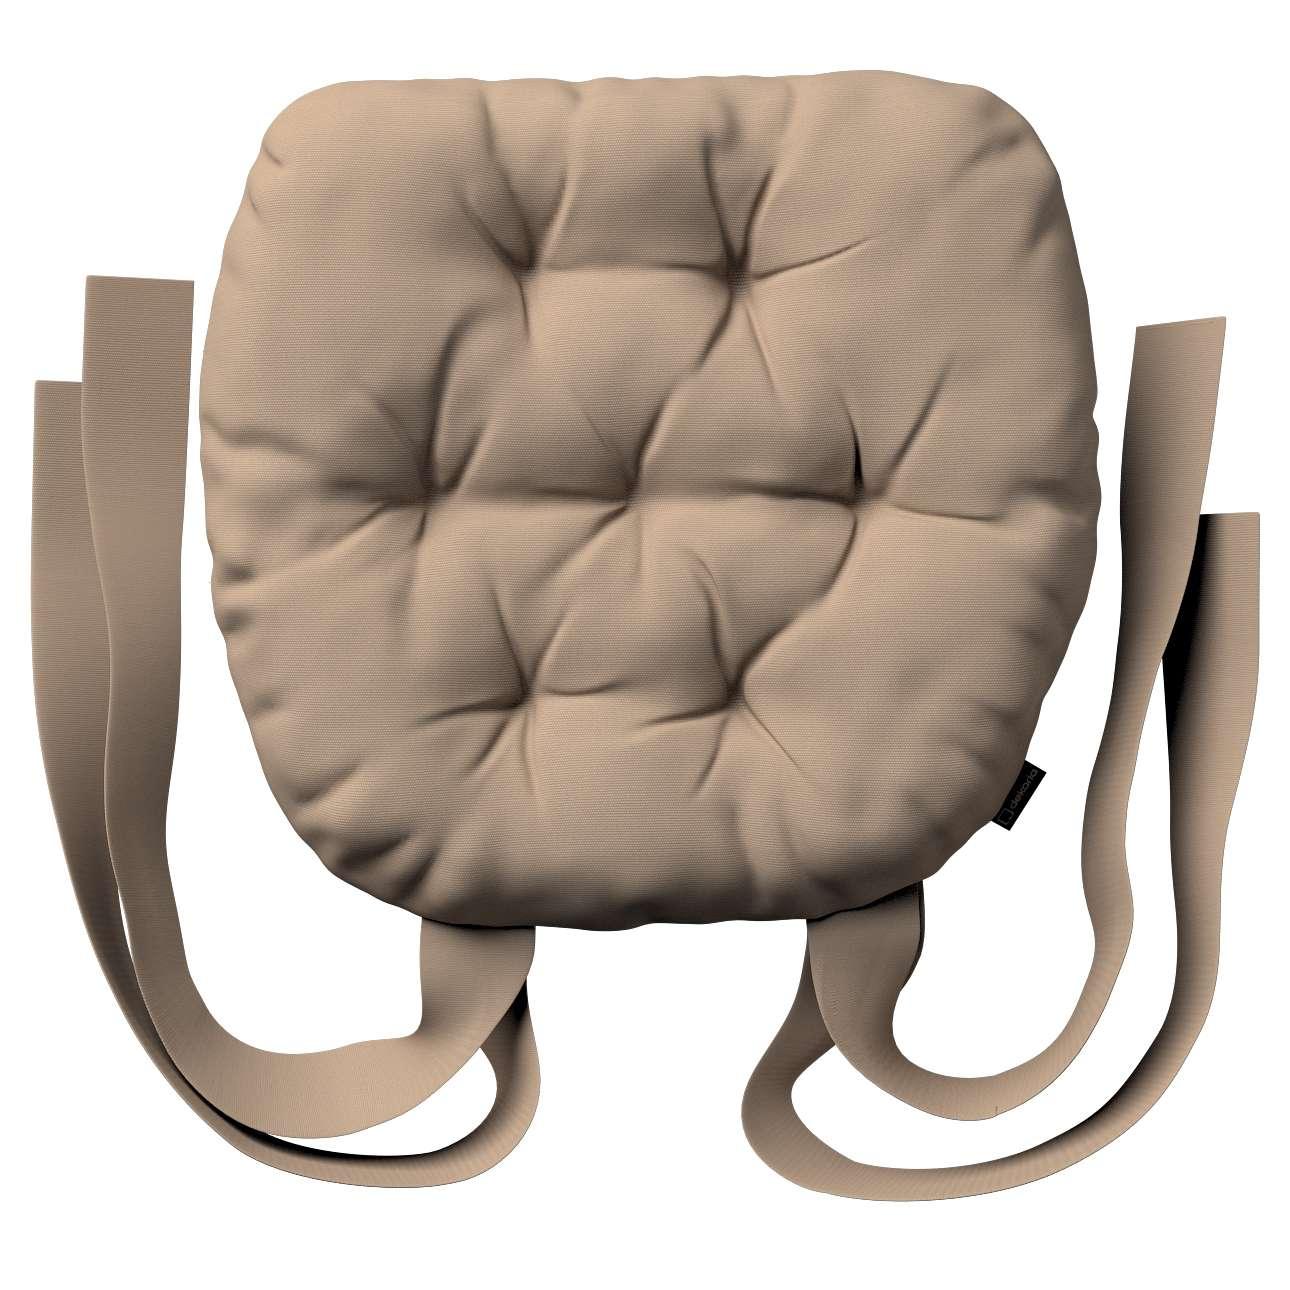 Kėdės pagalvėlė Marcin (apvaliais kraštais) 40 x 37 x 8 cm kolekcijoje Cotton Panama, audinys: 702-28